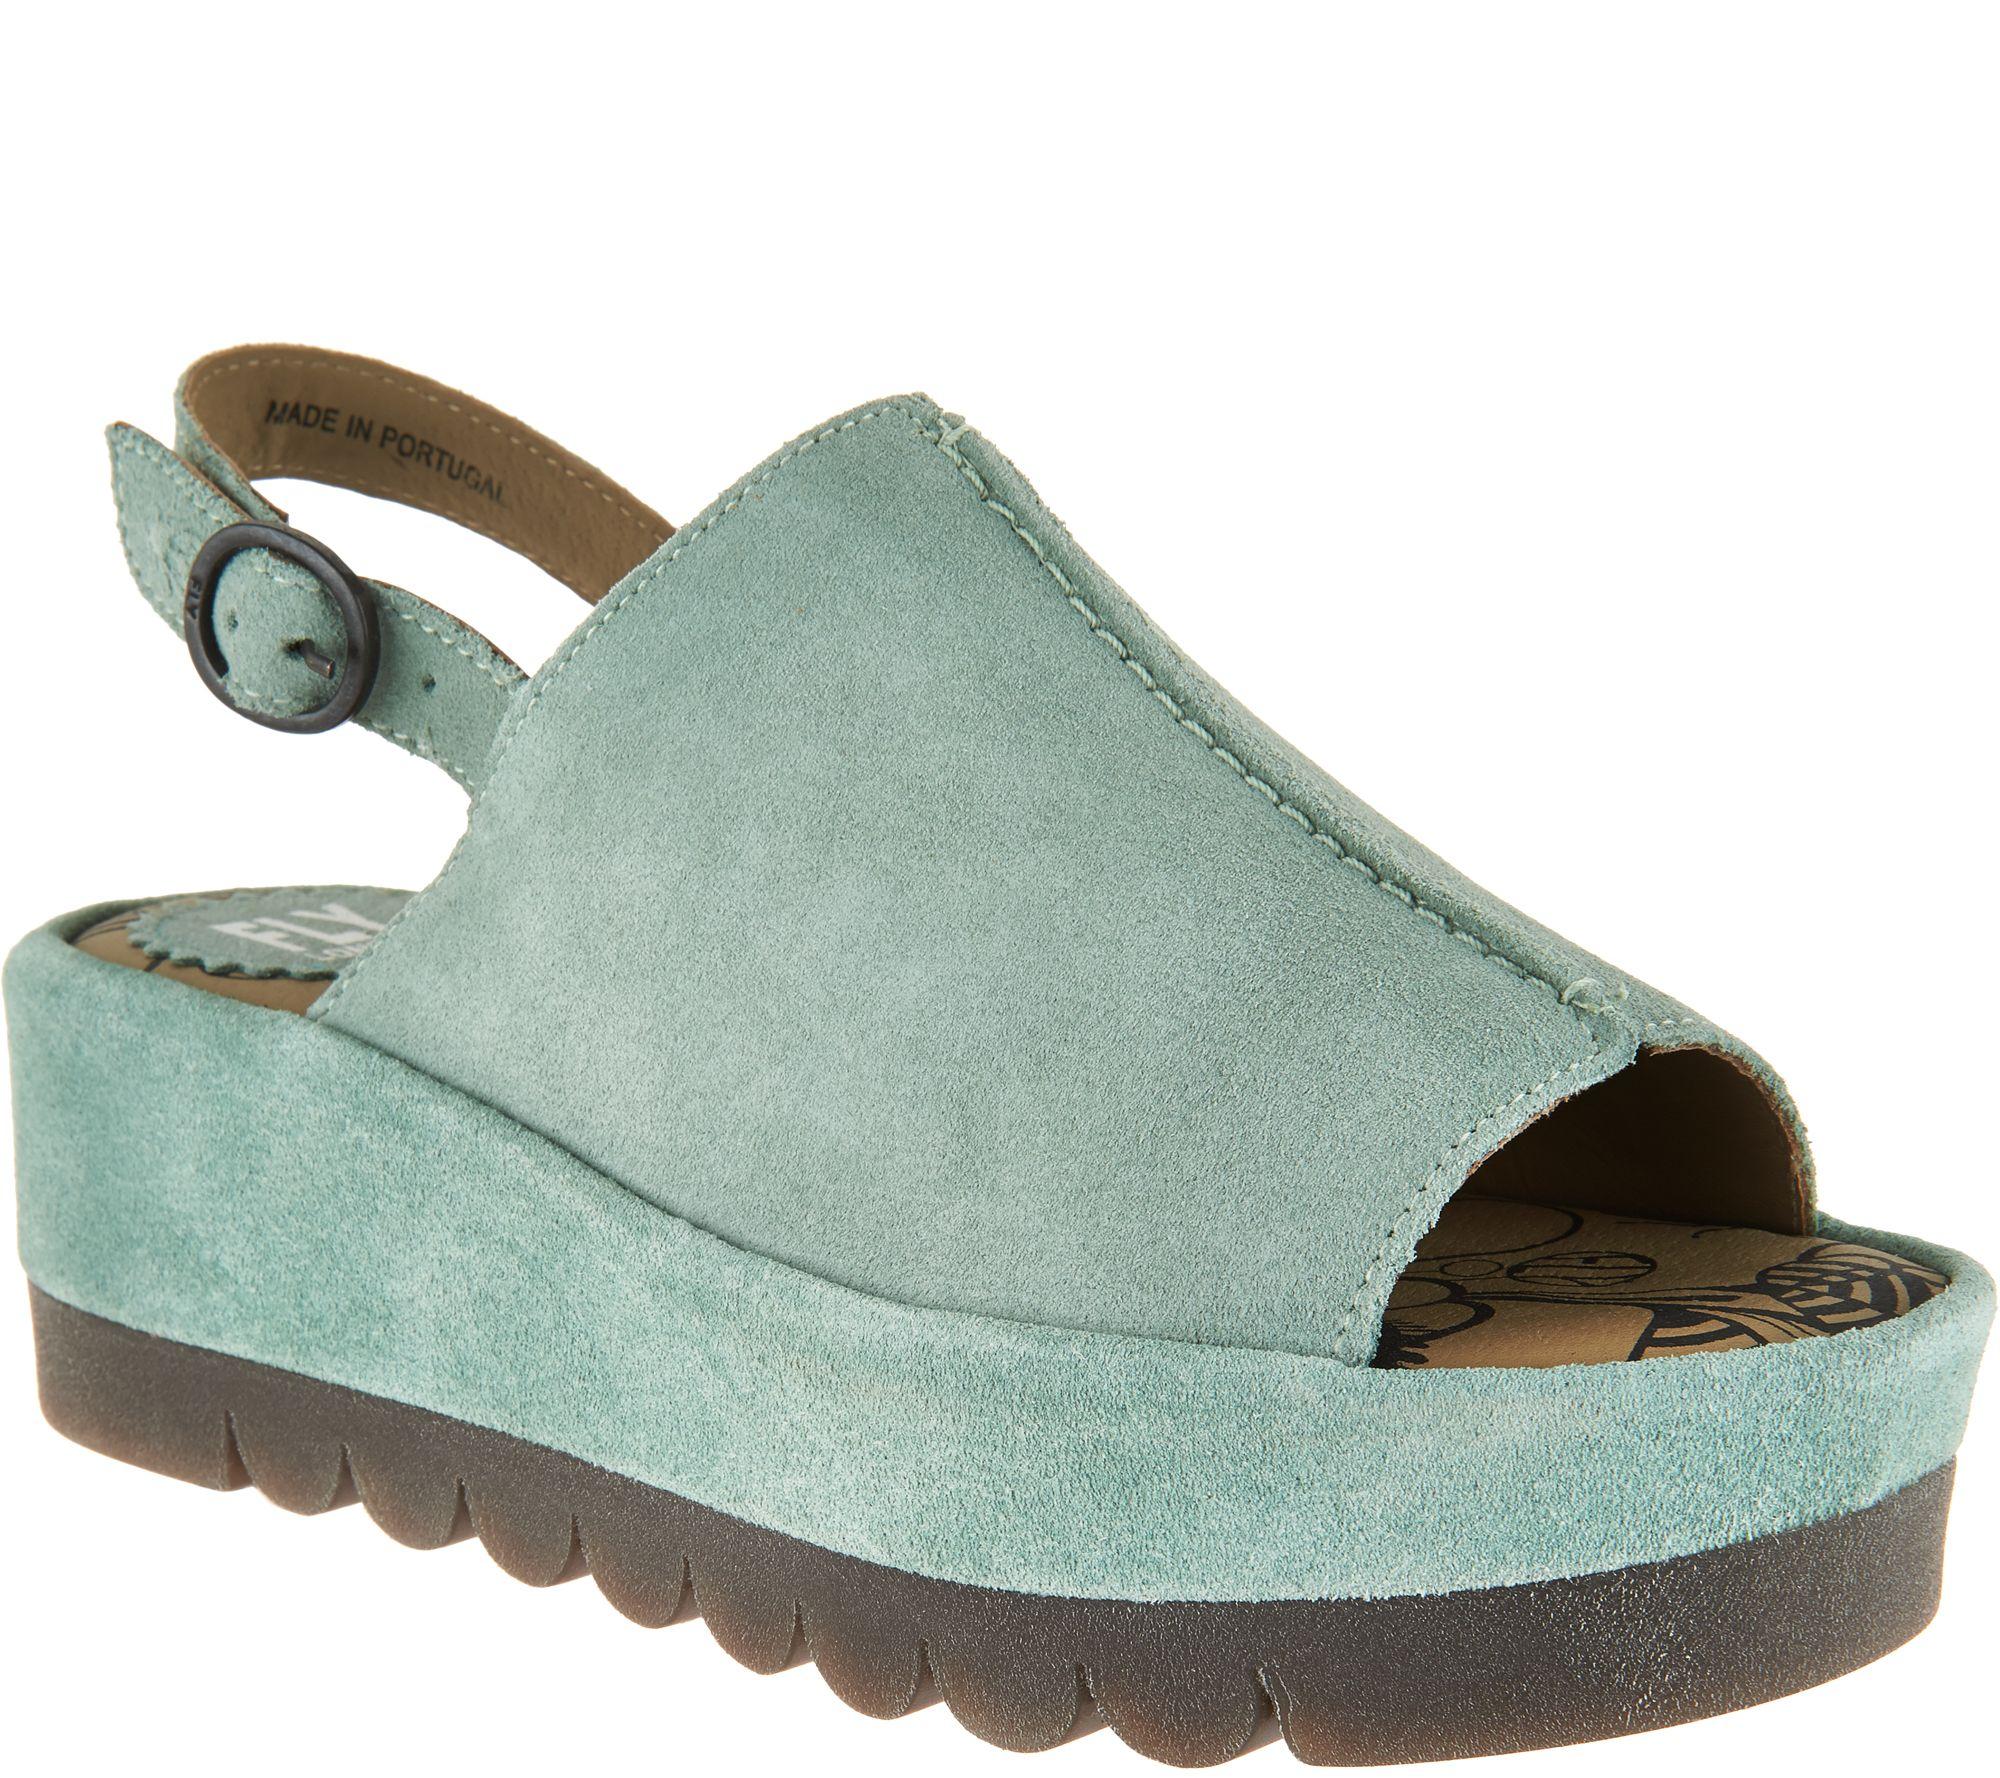 5647d5957e FLY London Leather Platflorm Sandals - Bora - Page 1 — QVC.com